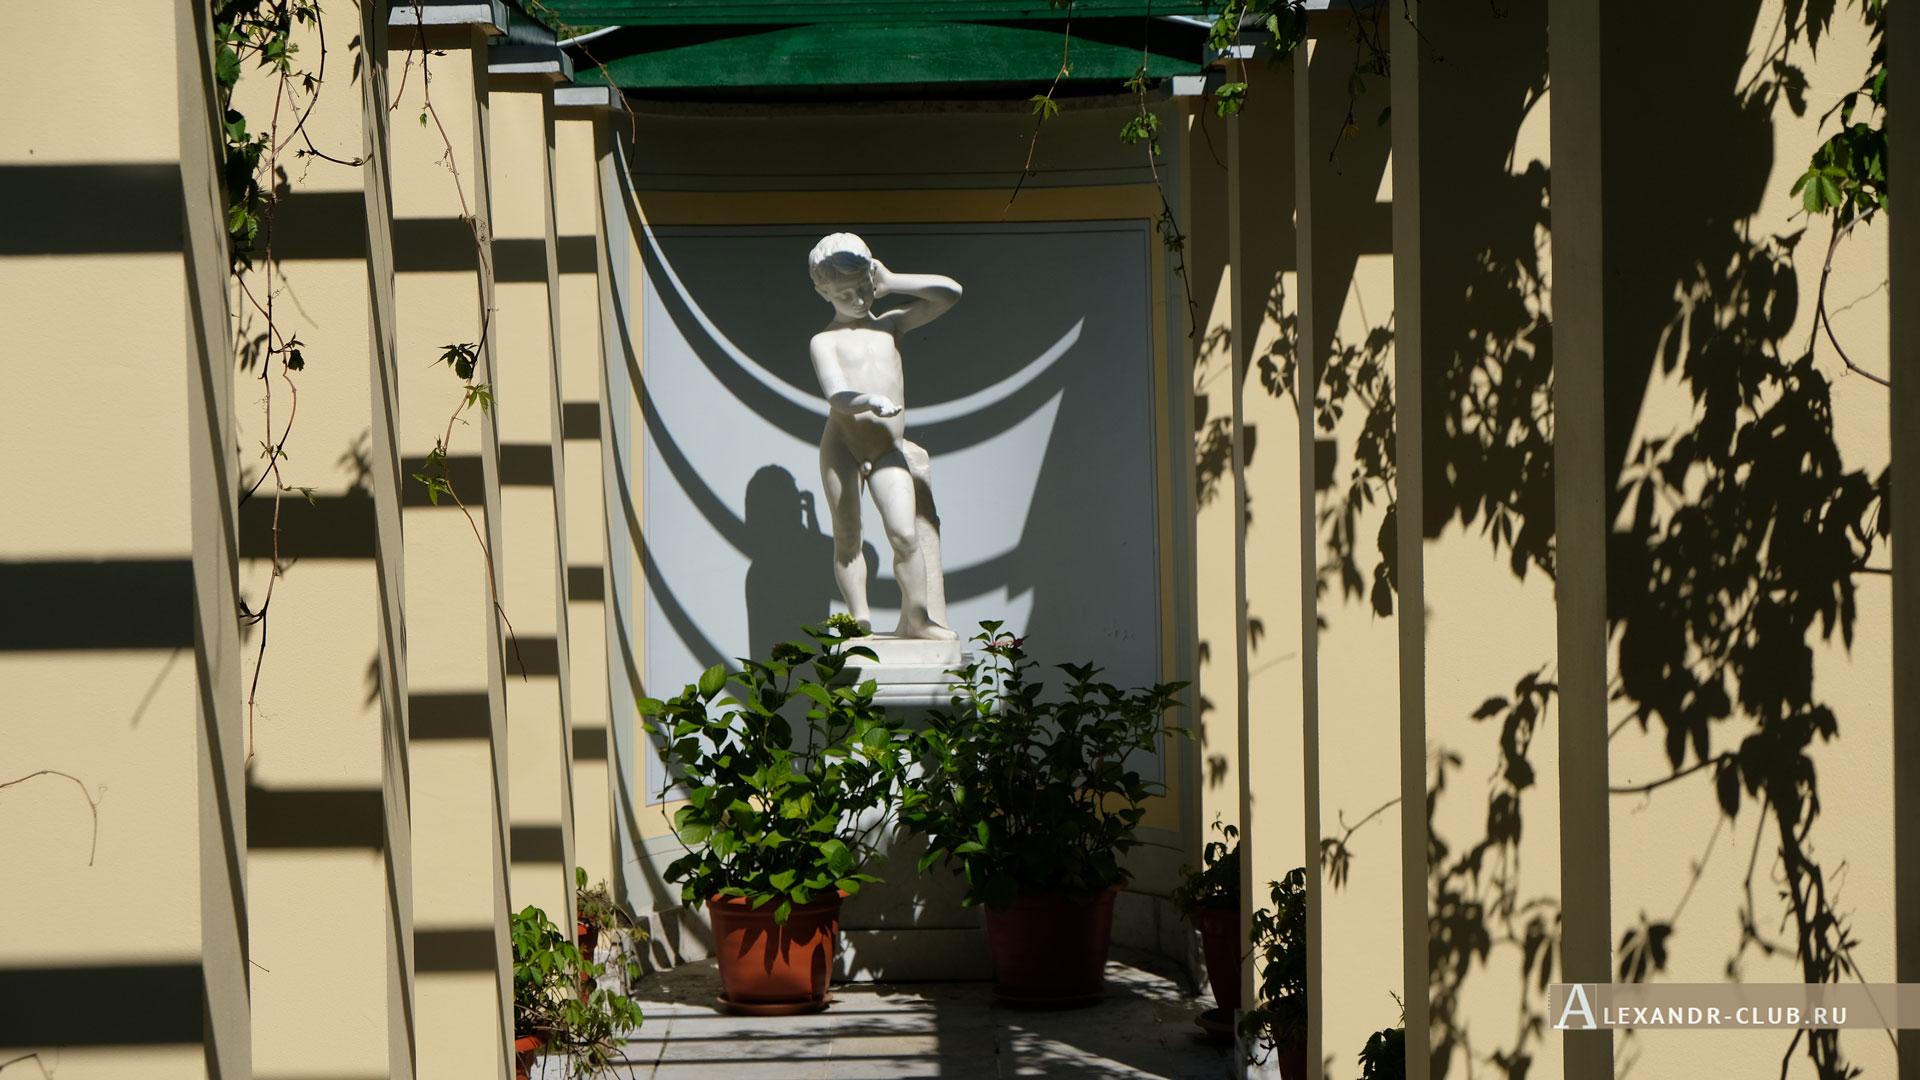 Петергоф, Колонистский парк, лето, Царицын павильон, пергола, «Мальчик, просящий милостыню»